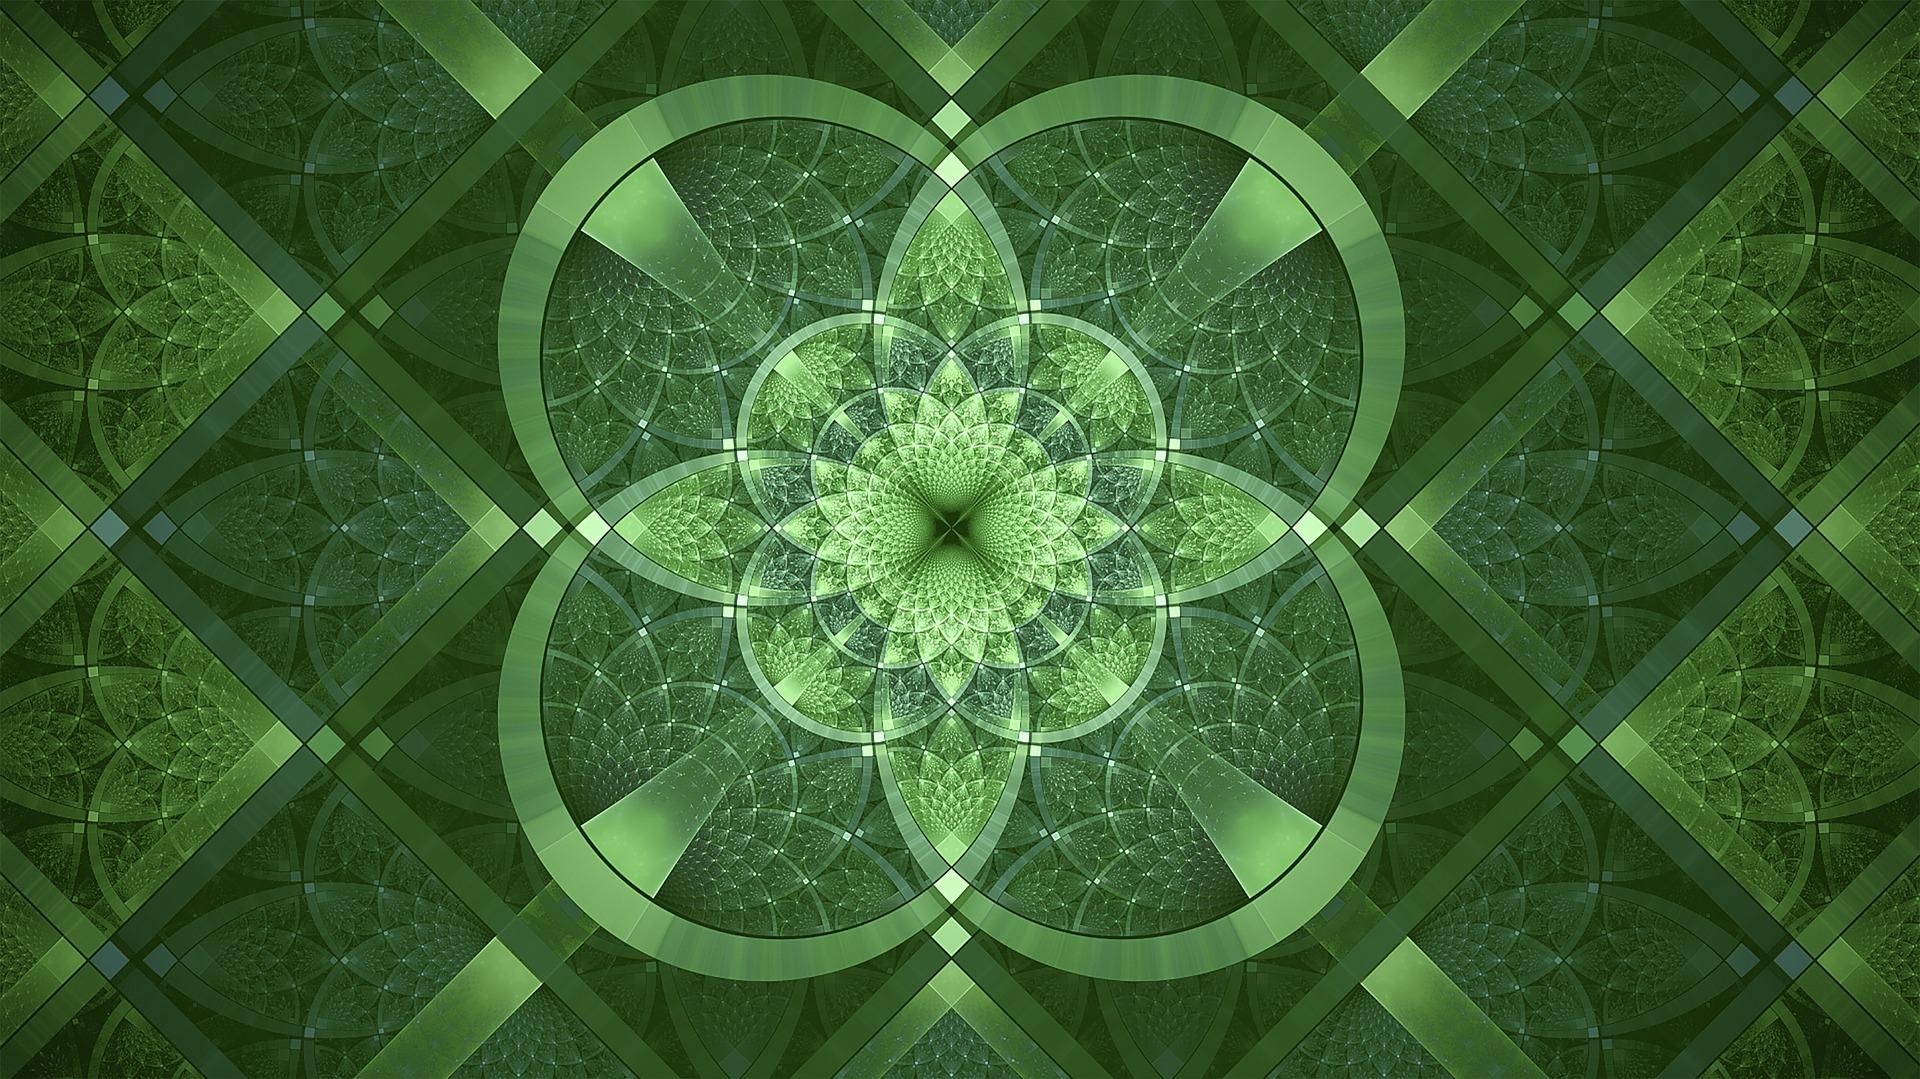 fractal-2027959_1920.jpg